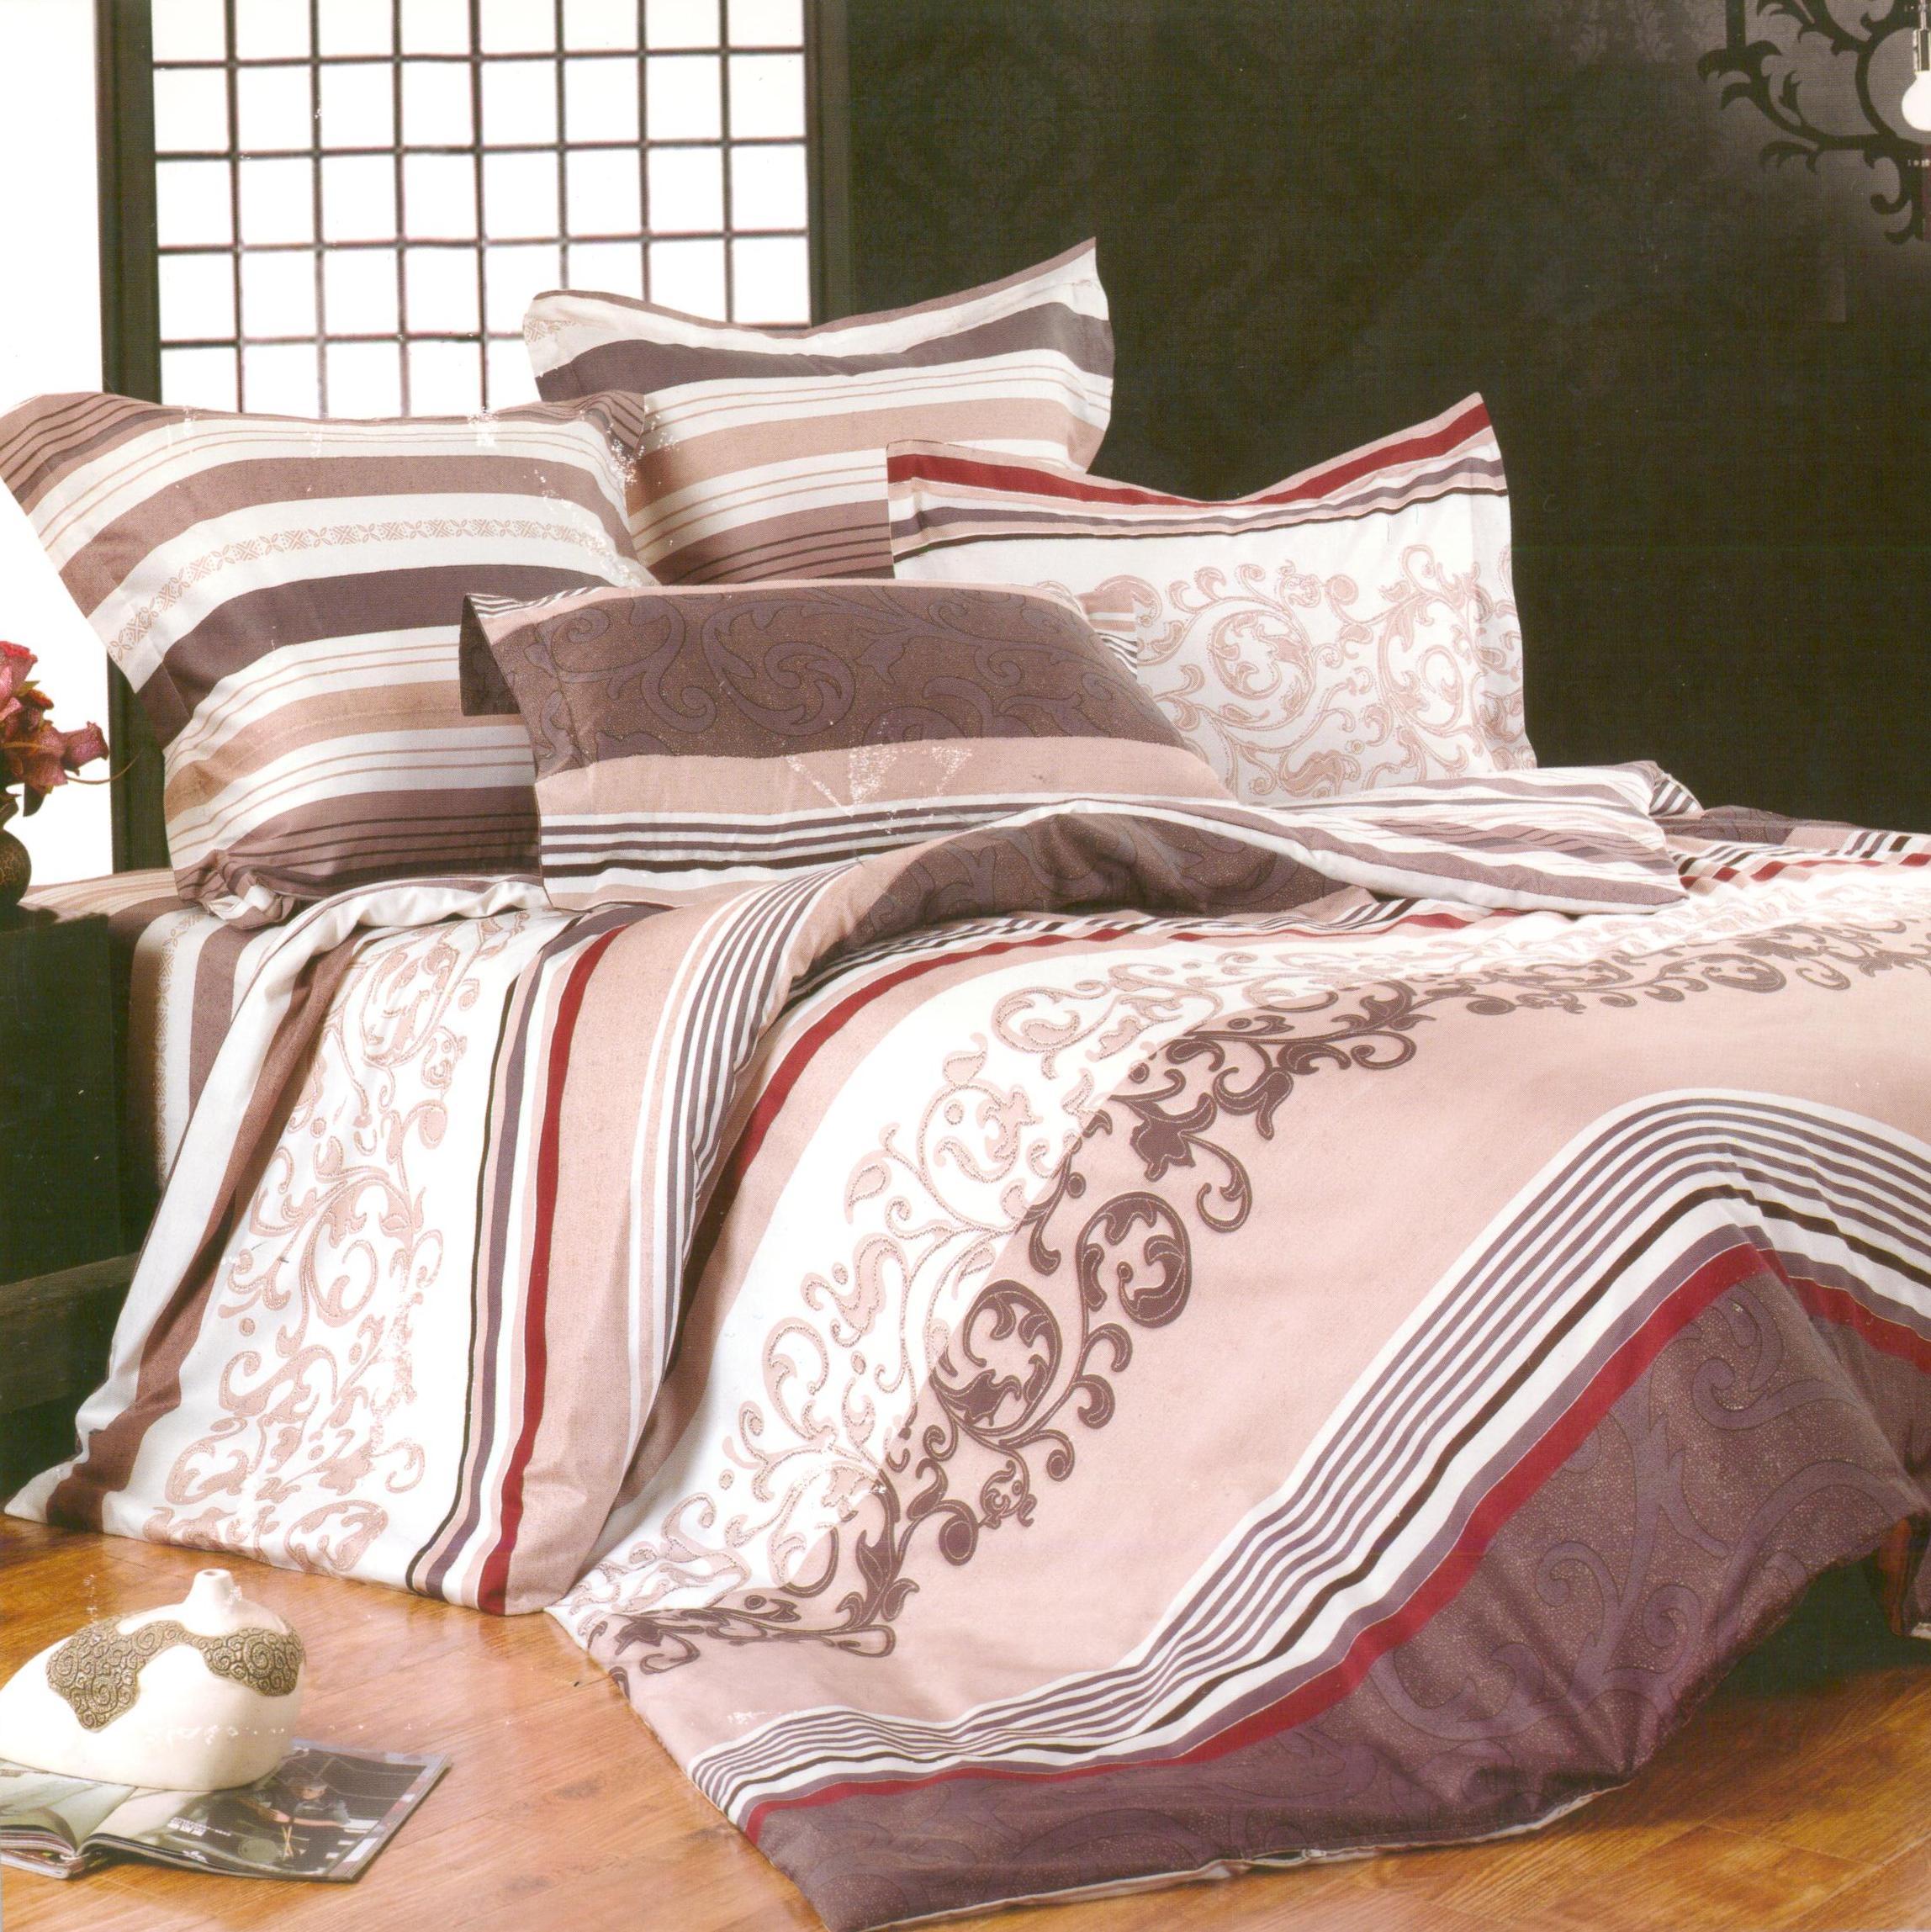 Купить Комплекты постельного белья СайлиД, Постельное белье Elyse B-108 (2 сп. евро), Китай, Белый, Персиковый, Розовый, Серый, Хлопковый сатин